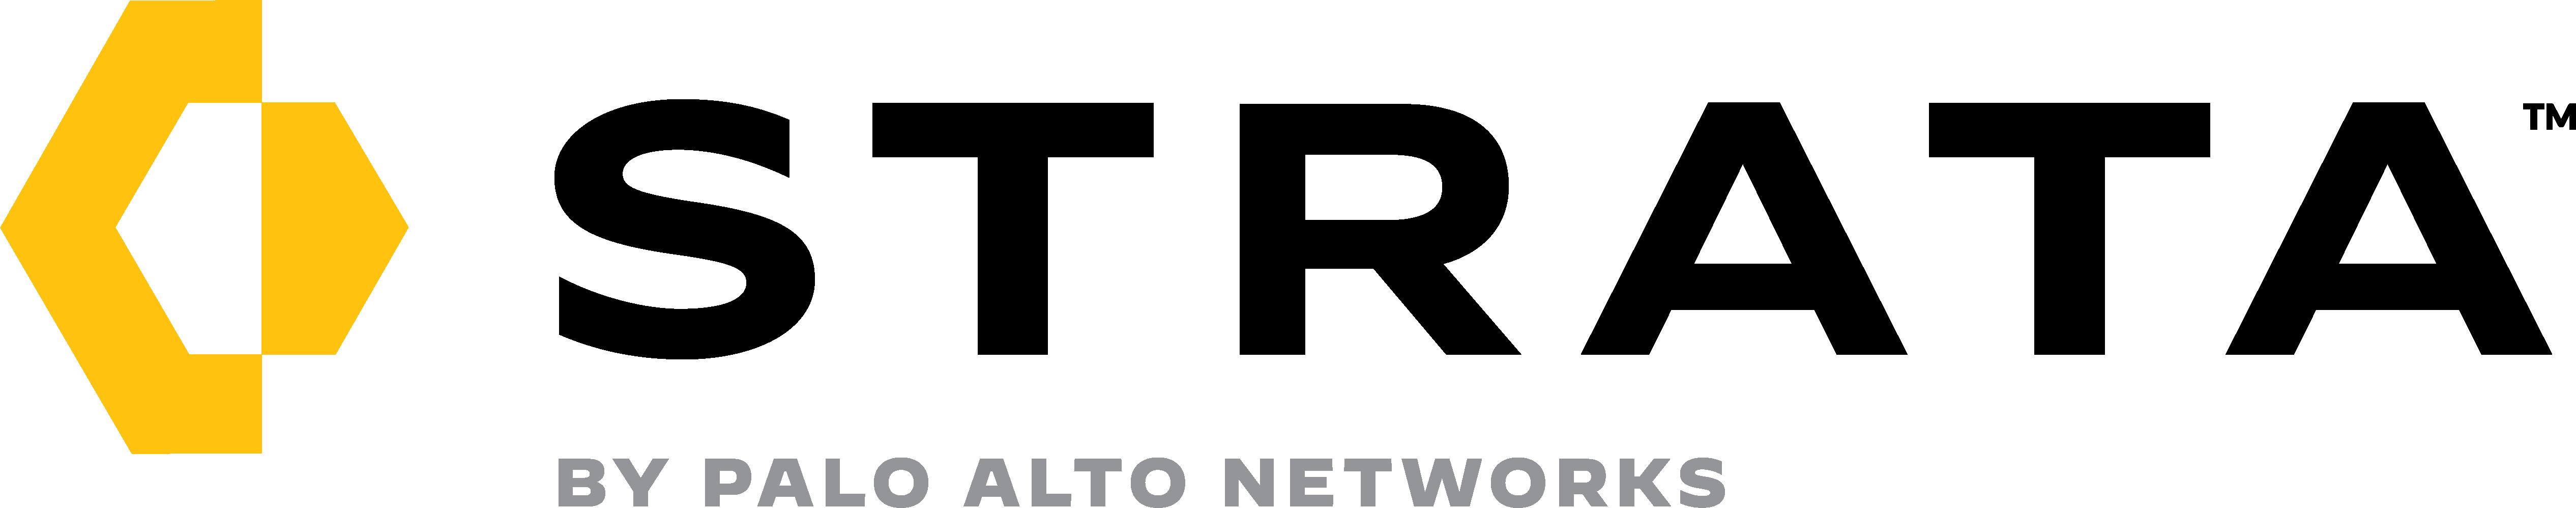 Strata_Tagline_Logo_CMYK-01.png